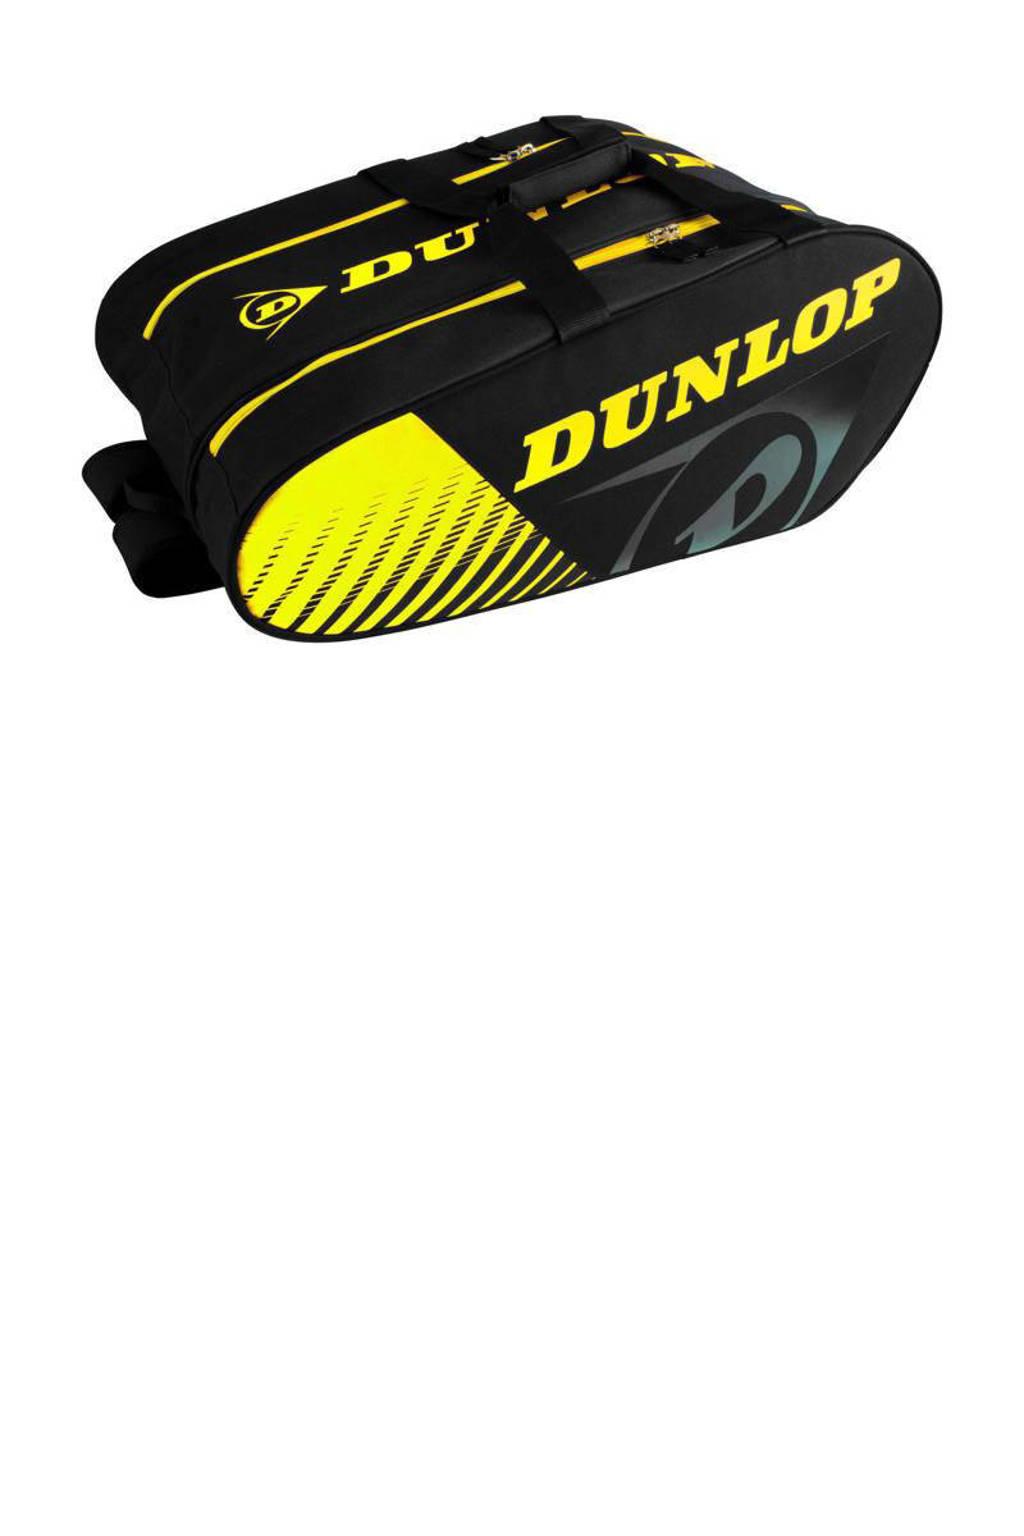 Dunlop   padelrugtas zwart/geel, Geel/zwart